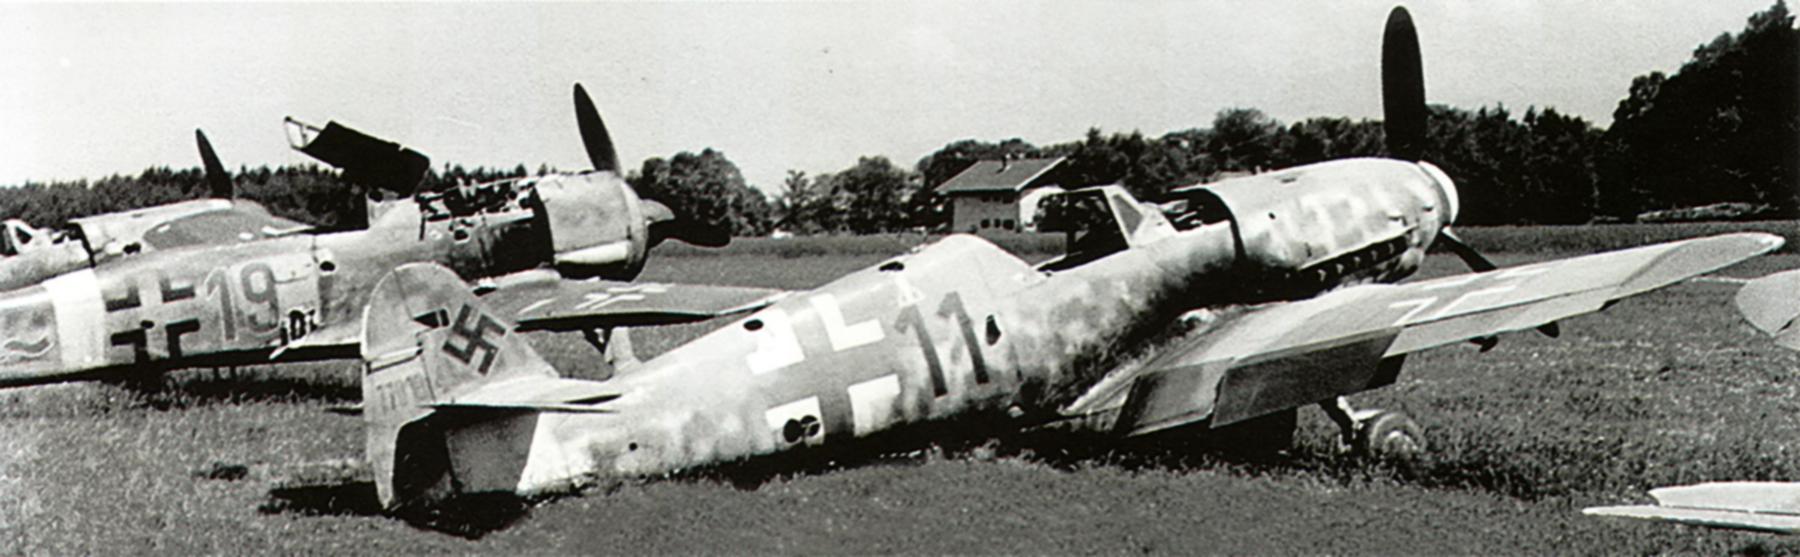 Messerschmitt Bf 109G10 Erla Reichsverteidigung Black 11 WNr 770184 abandoned Rrien Germany 1945 01